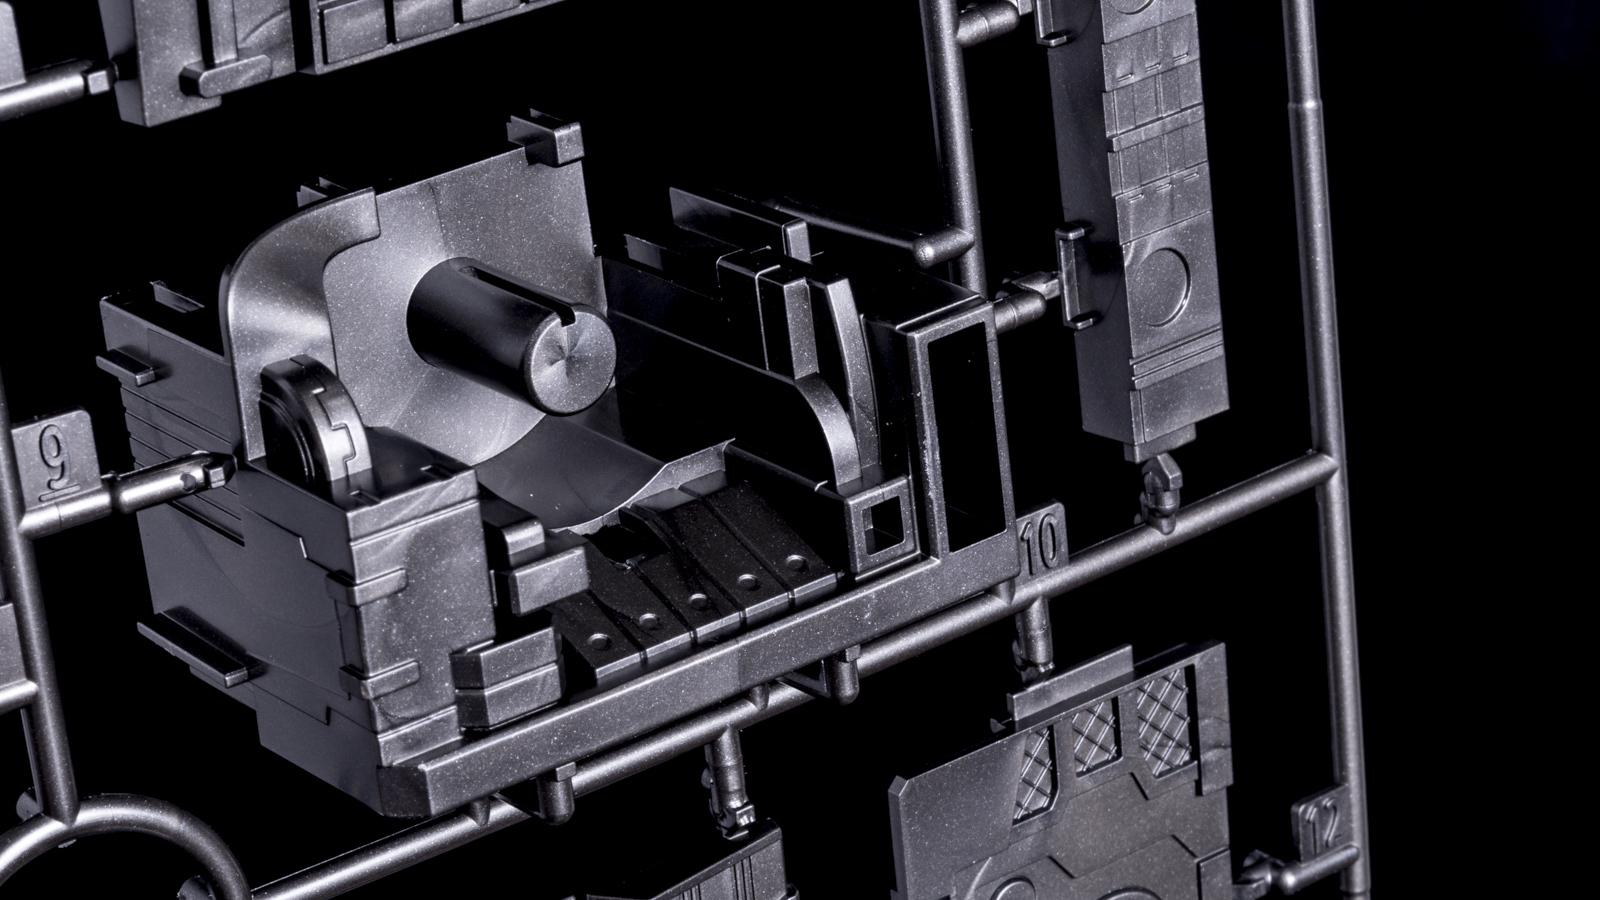 タイムマシンで動きを止められた「野比のび太のプラモデル」の話_b0029315_00013326.jpg